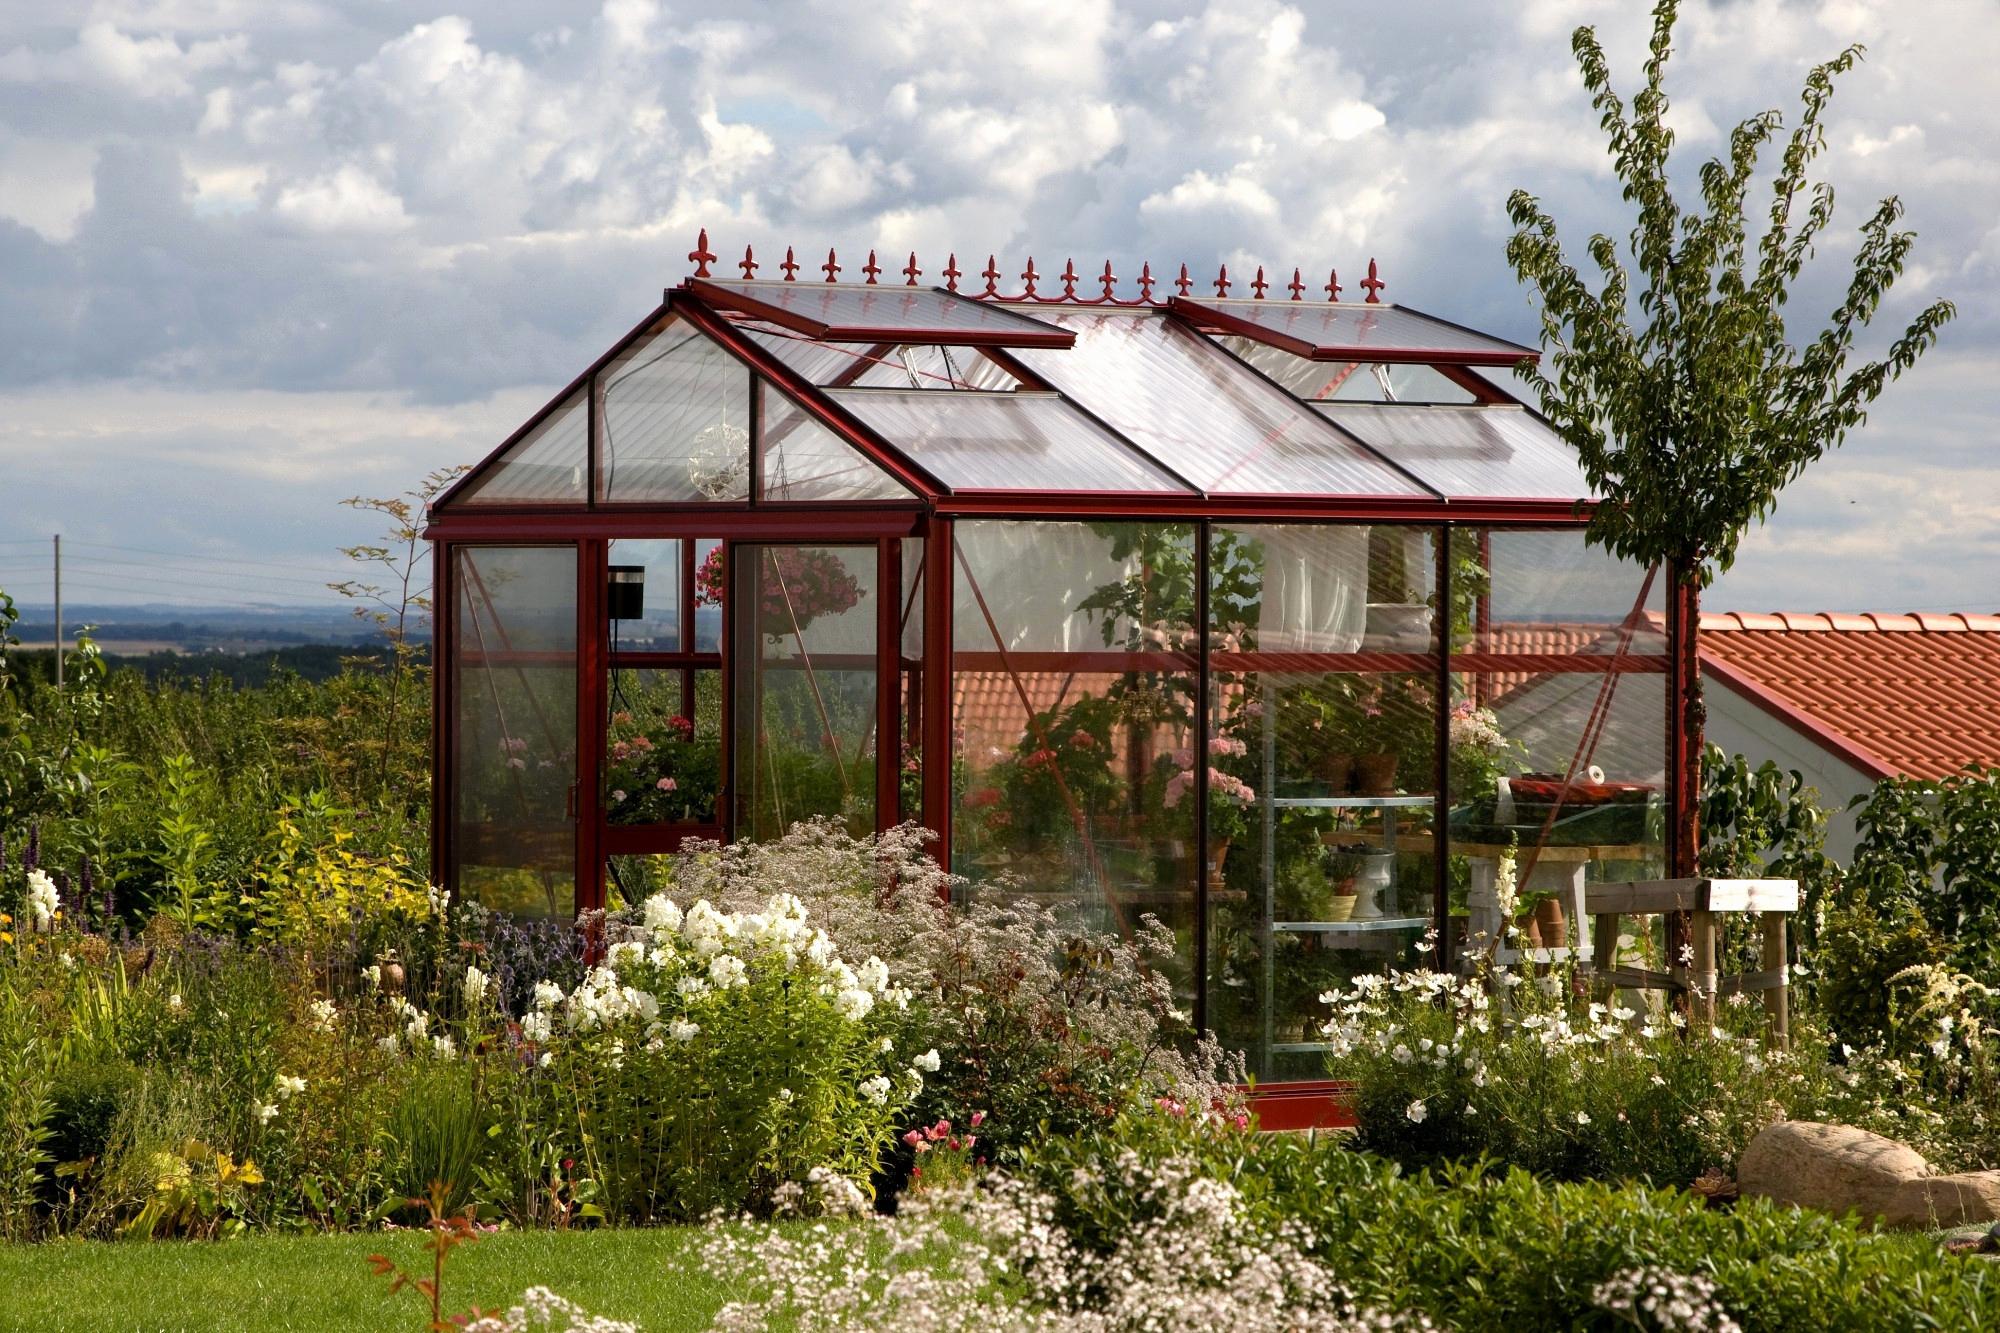 Mini Serre De Jardin Leclerc Luxe Photos Mini Serres De Jardin Impressionnant Mini Serres De Jardin Ainsi Que